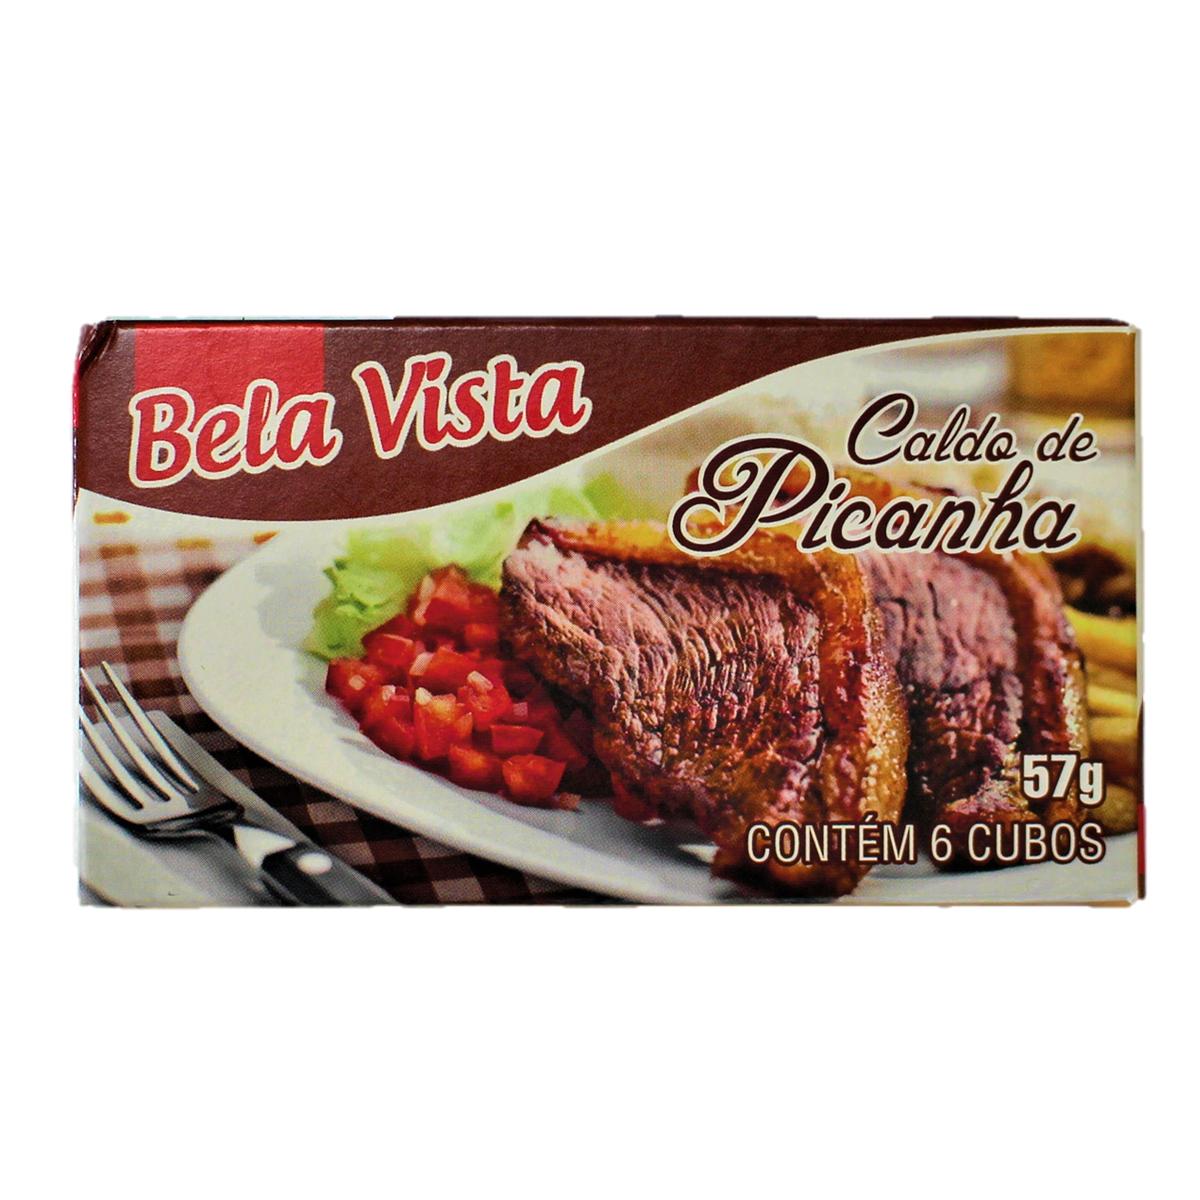 スープやお料理に 爆買い送料無料 乾燥スープの素 コンソメ 57g 6個入り Caldo Bela Picanha 格安店 Vista de